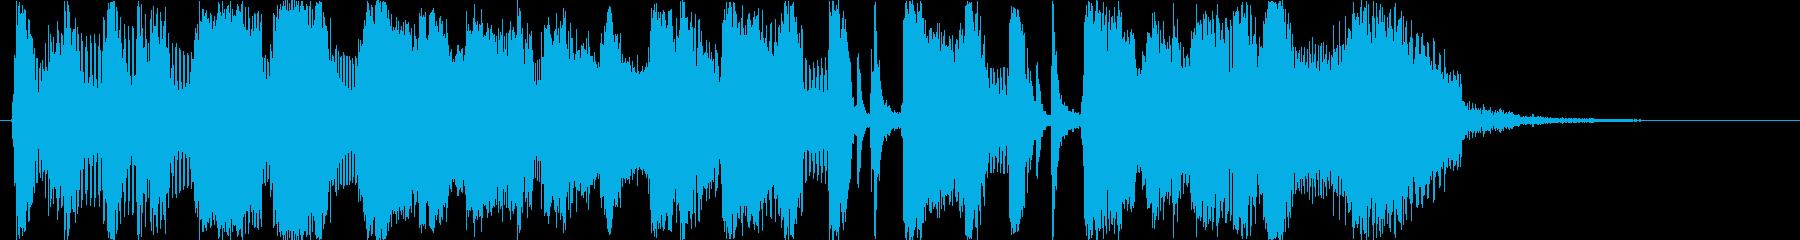 ビッグバンドジャズ15秒CMの再生済みの波形